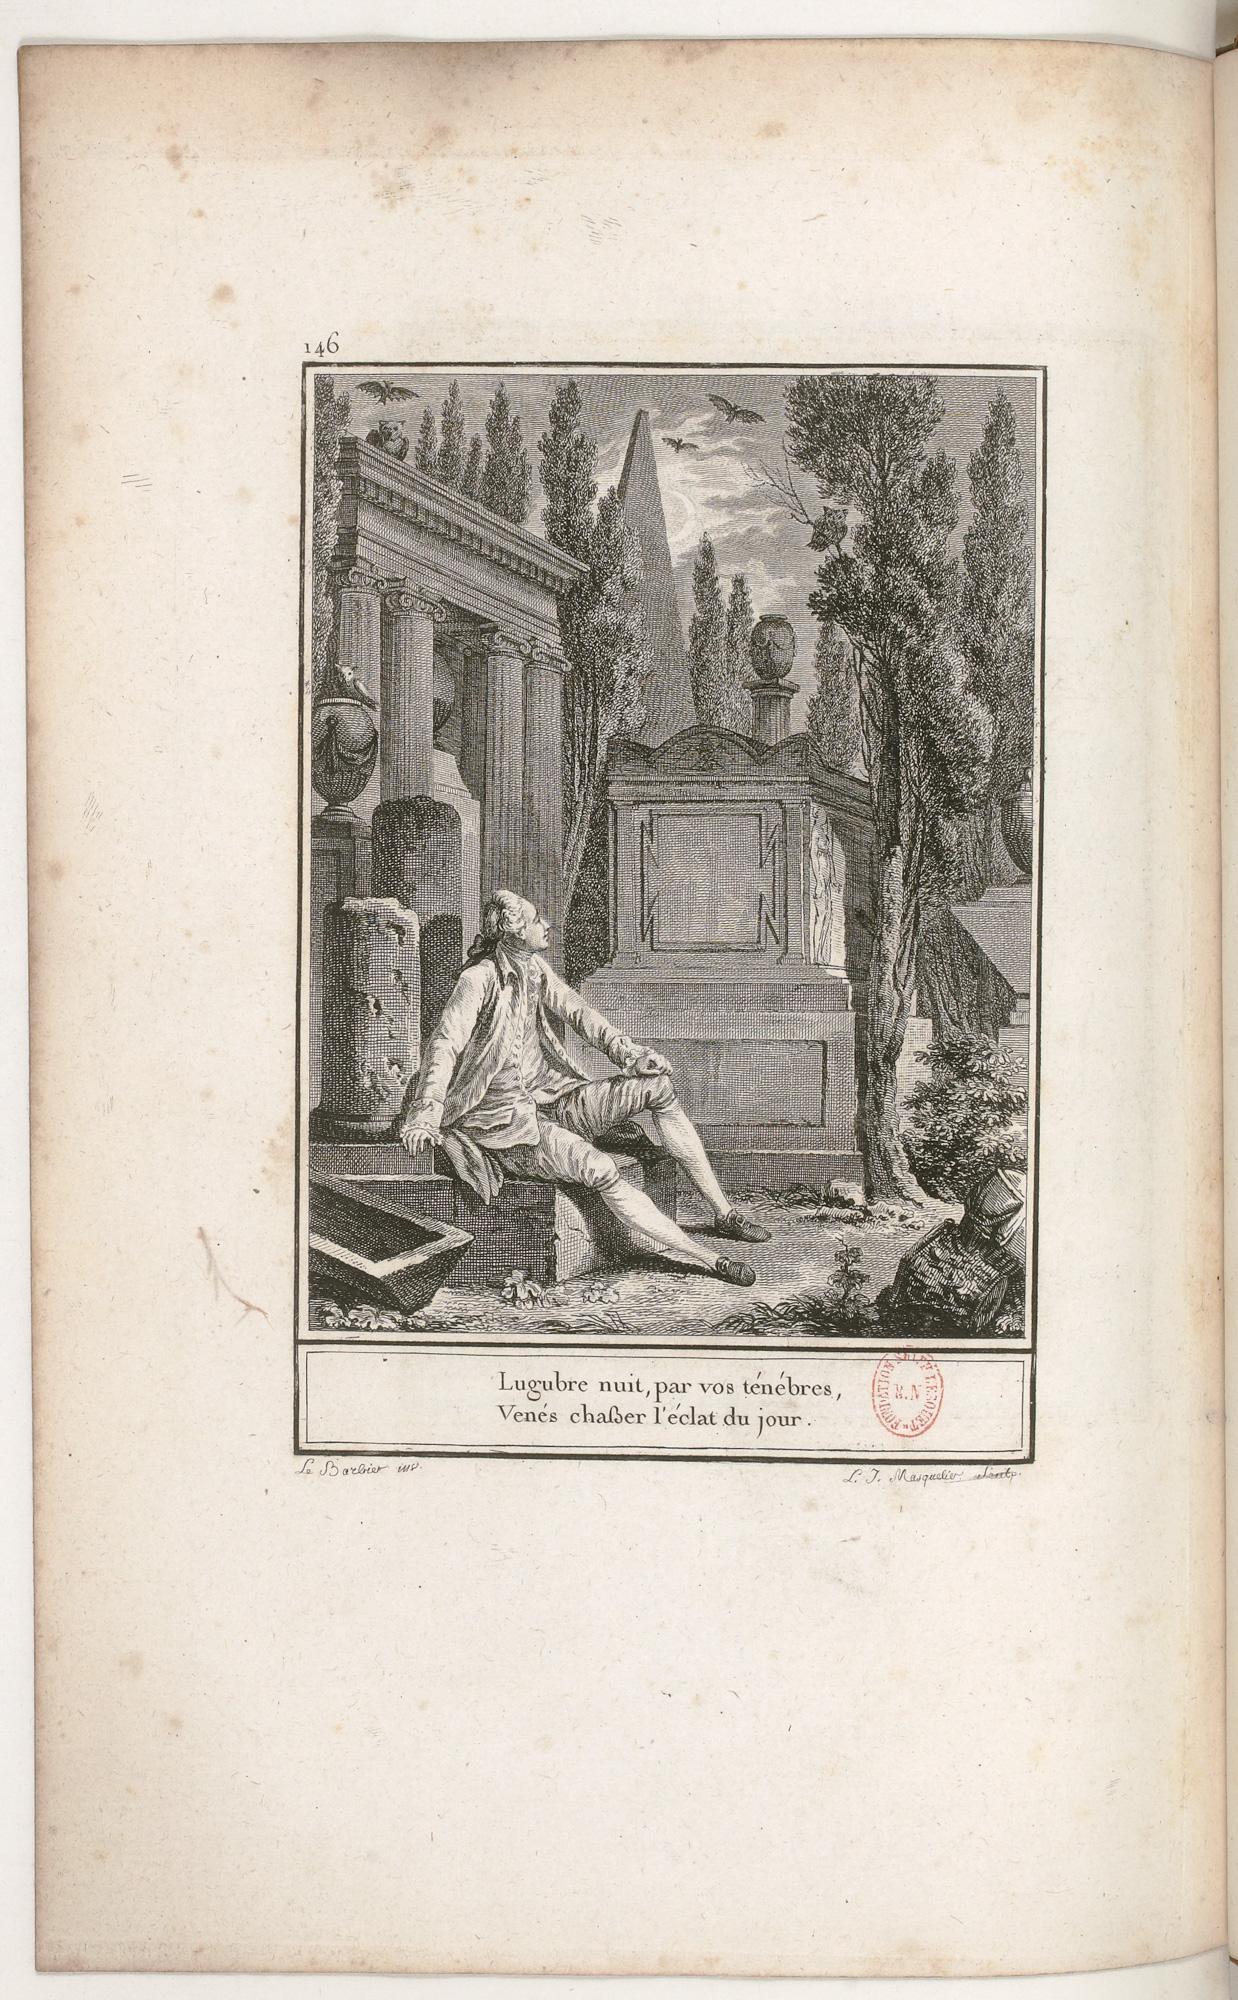 S.3.25 Le melancolique, 1772, Image